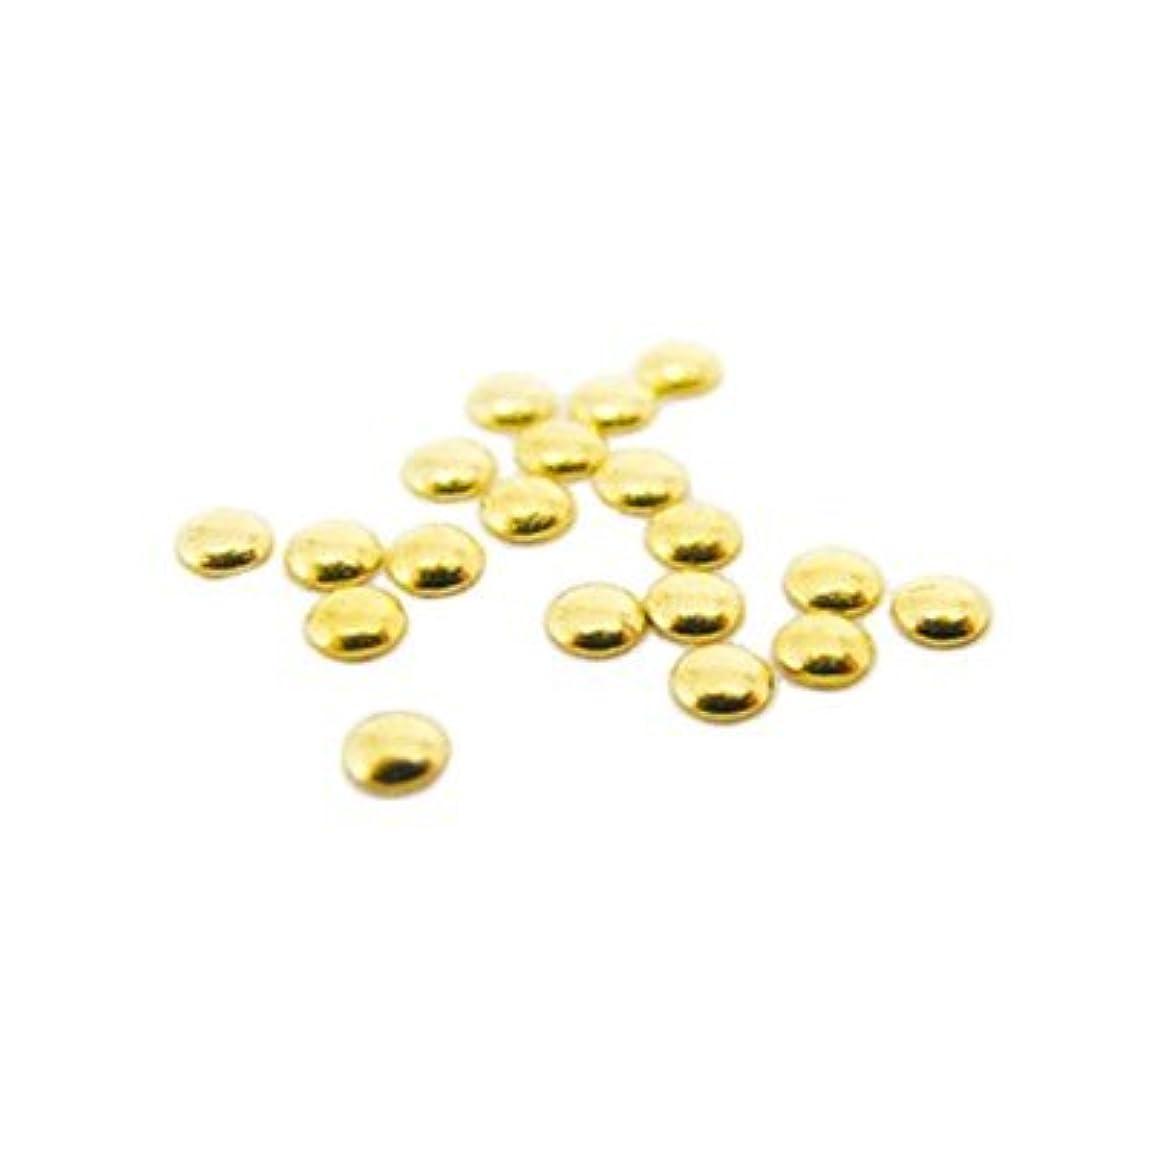 価格民間プロットピアドラ スタッズ 1.5mm 100P ゴールド